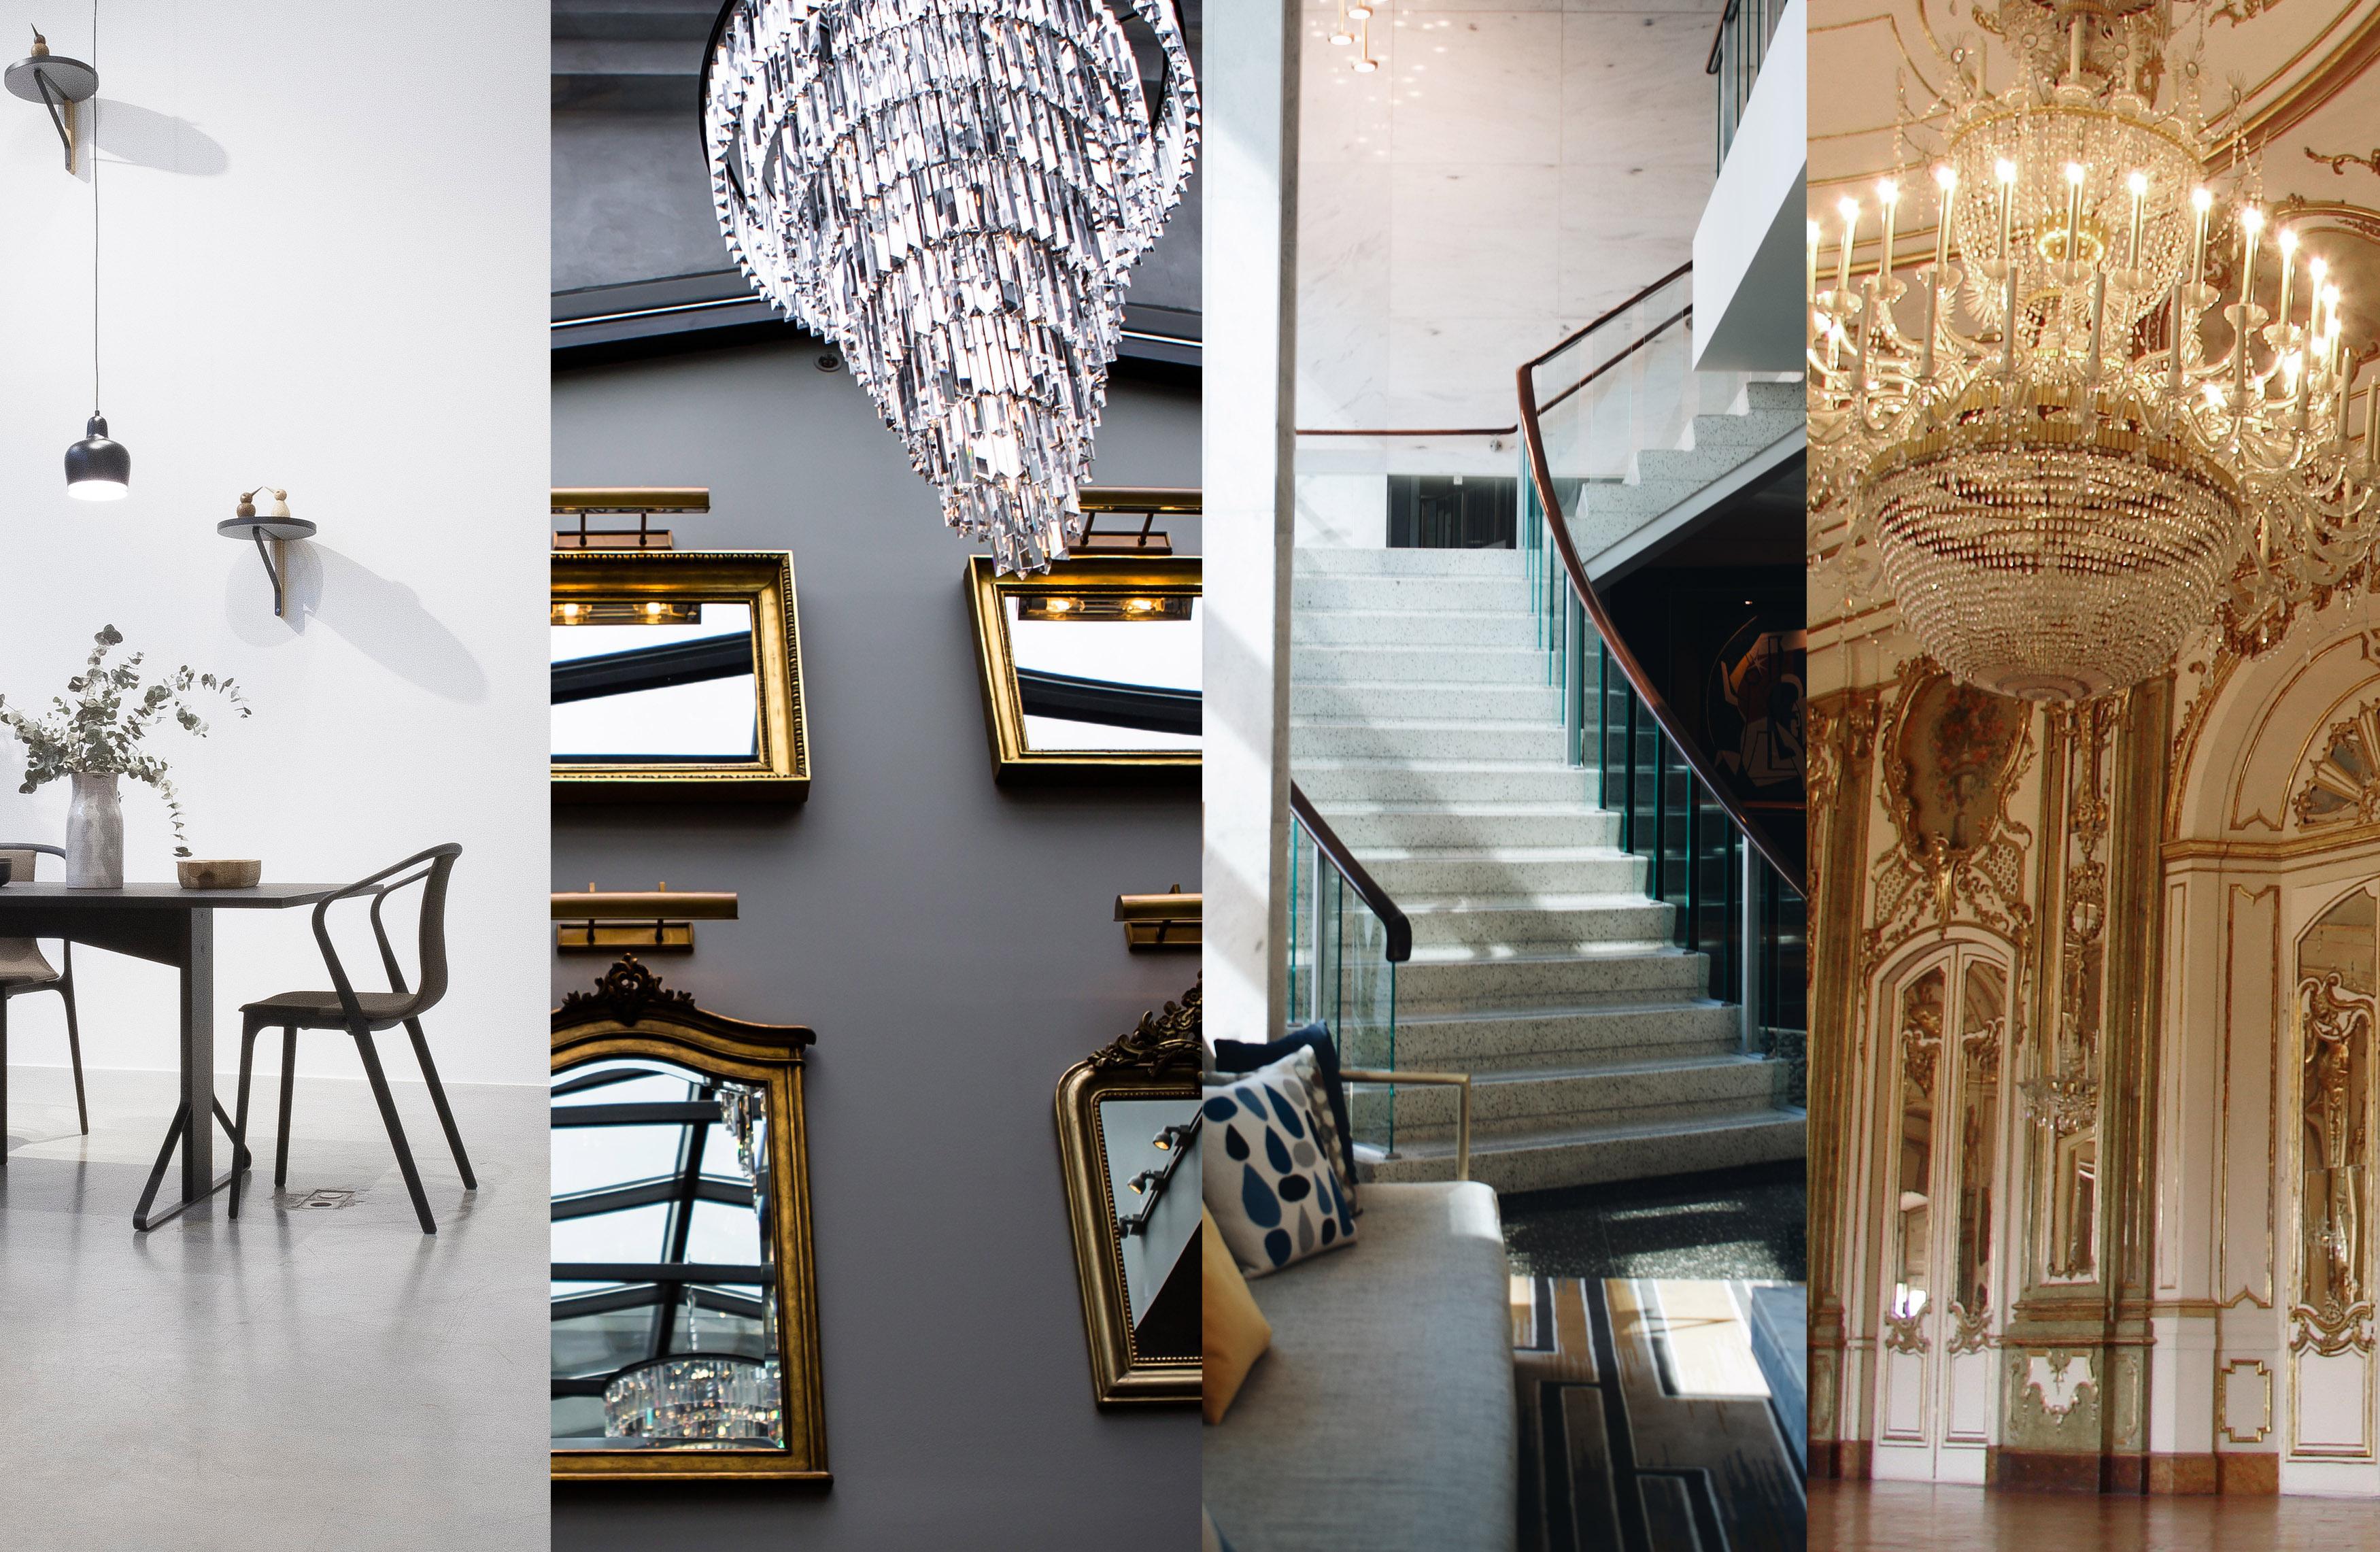 Formation Adulte Architecte D Interieur.Formation Decorateur Trice Conseiller Ere Design D